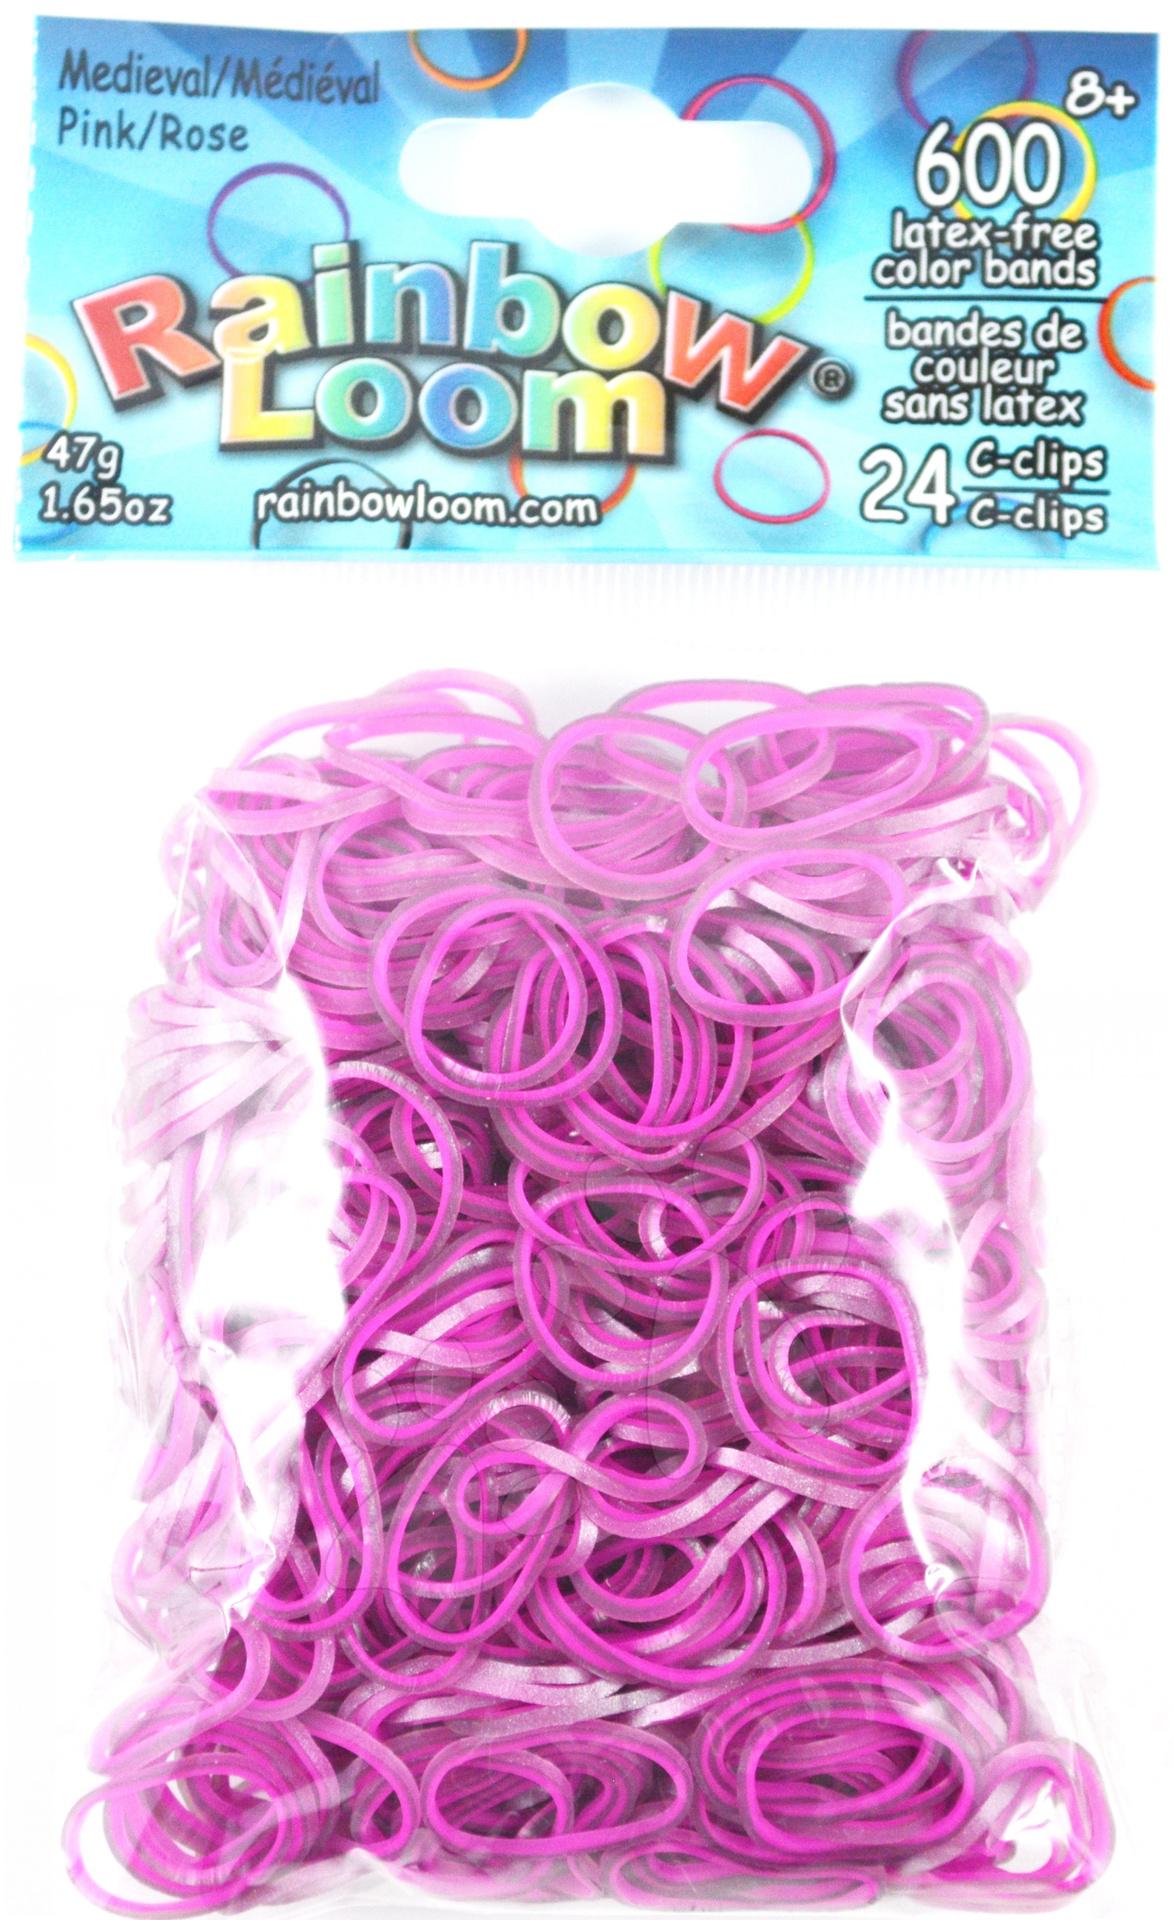 Rainbow Loom eredeti szövőgumik középkori 600 darab rózsaszín 6 évtől